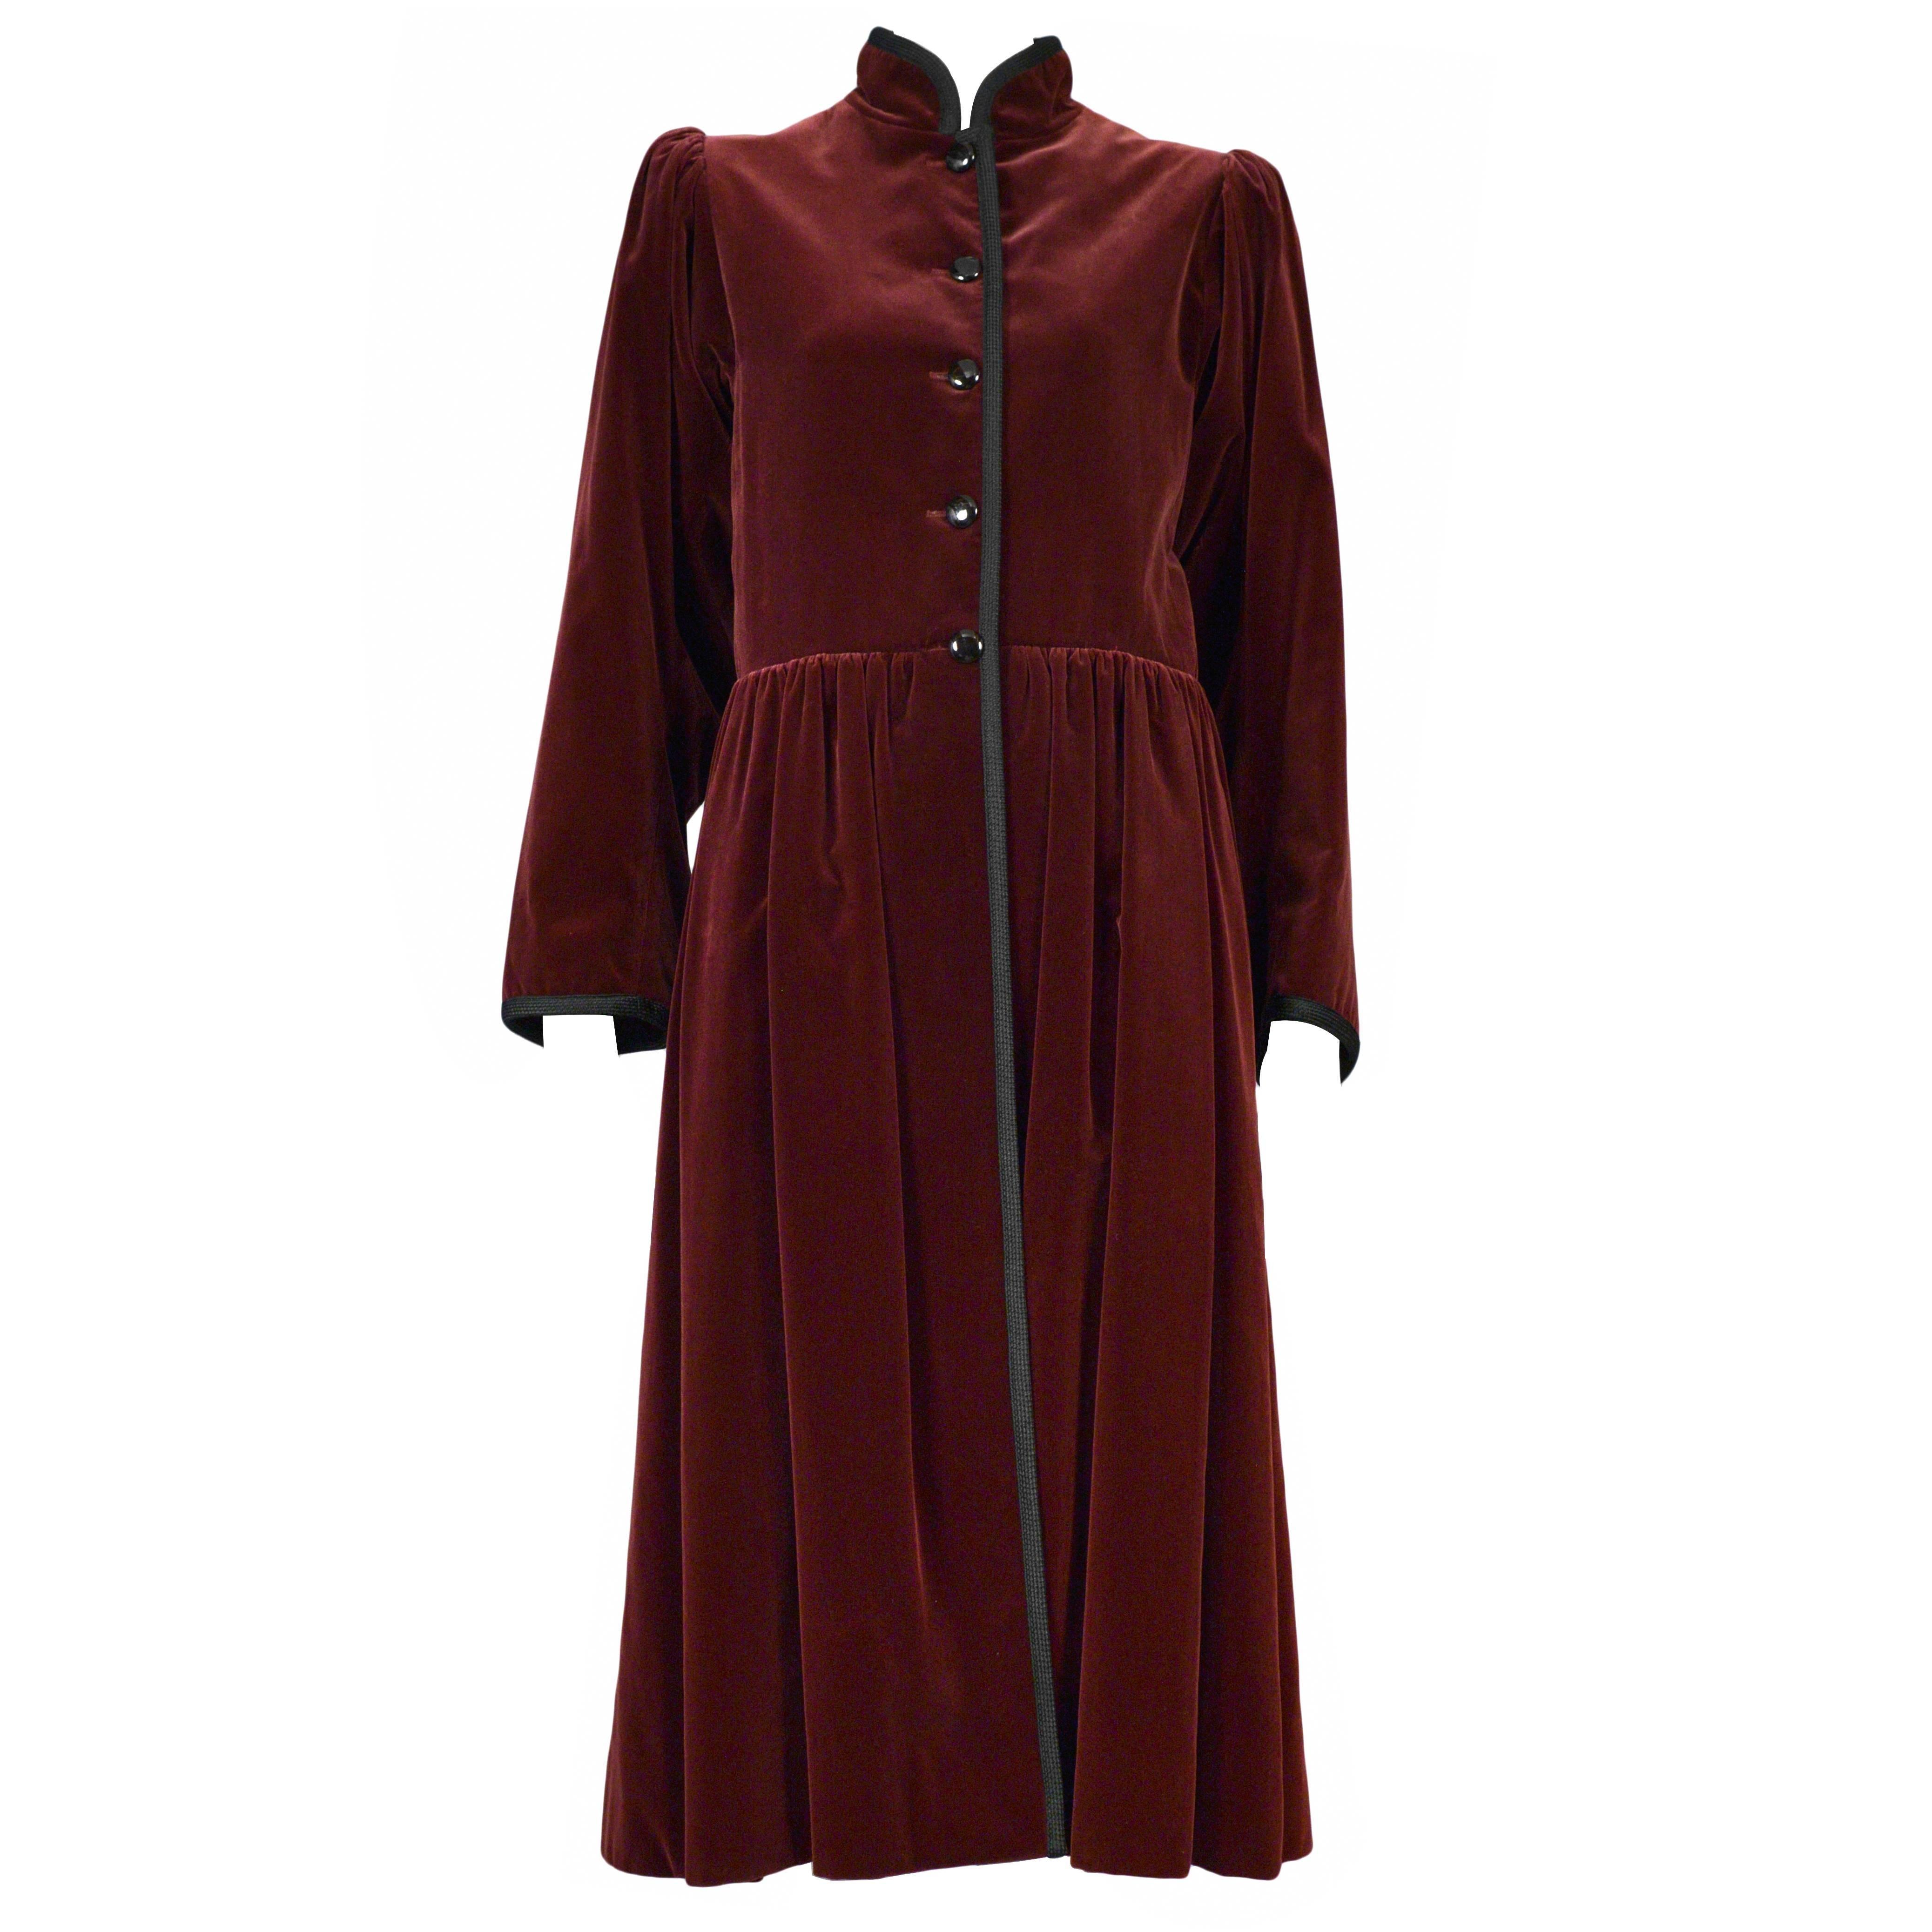 Yves Saint Laurent Burgundy Velvet Coat